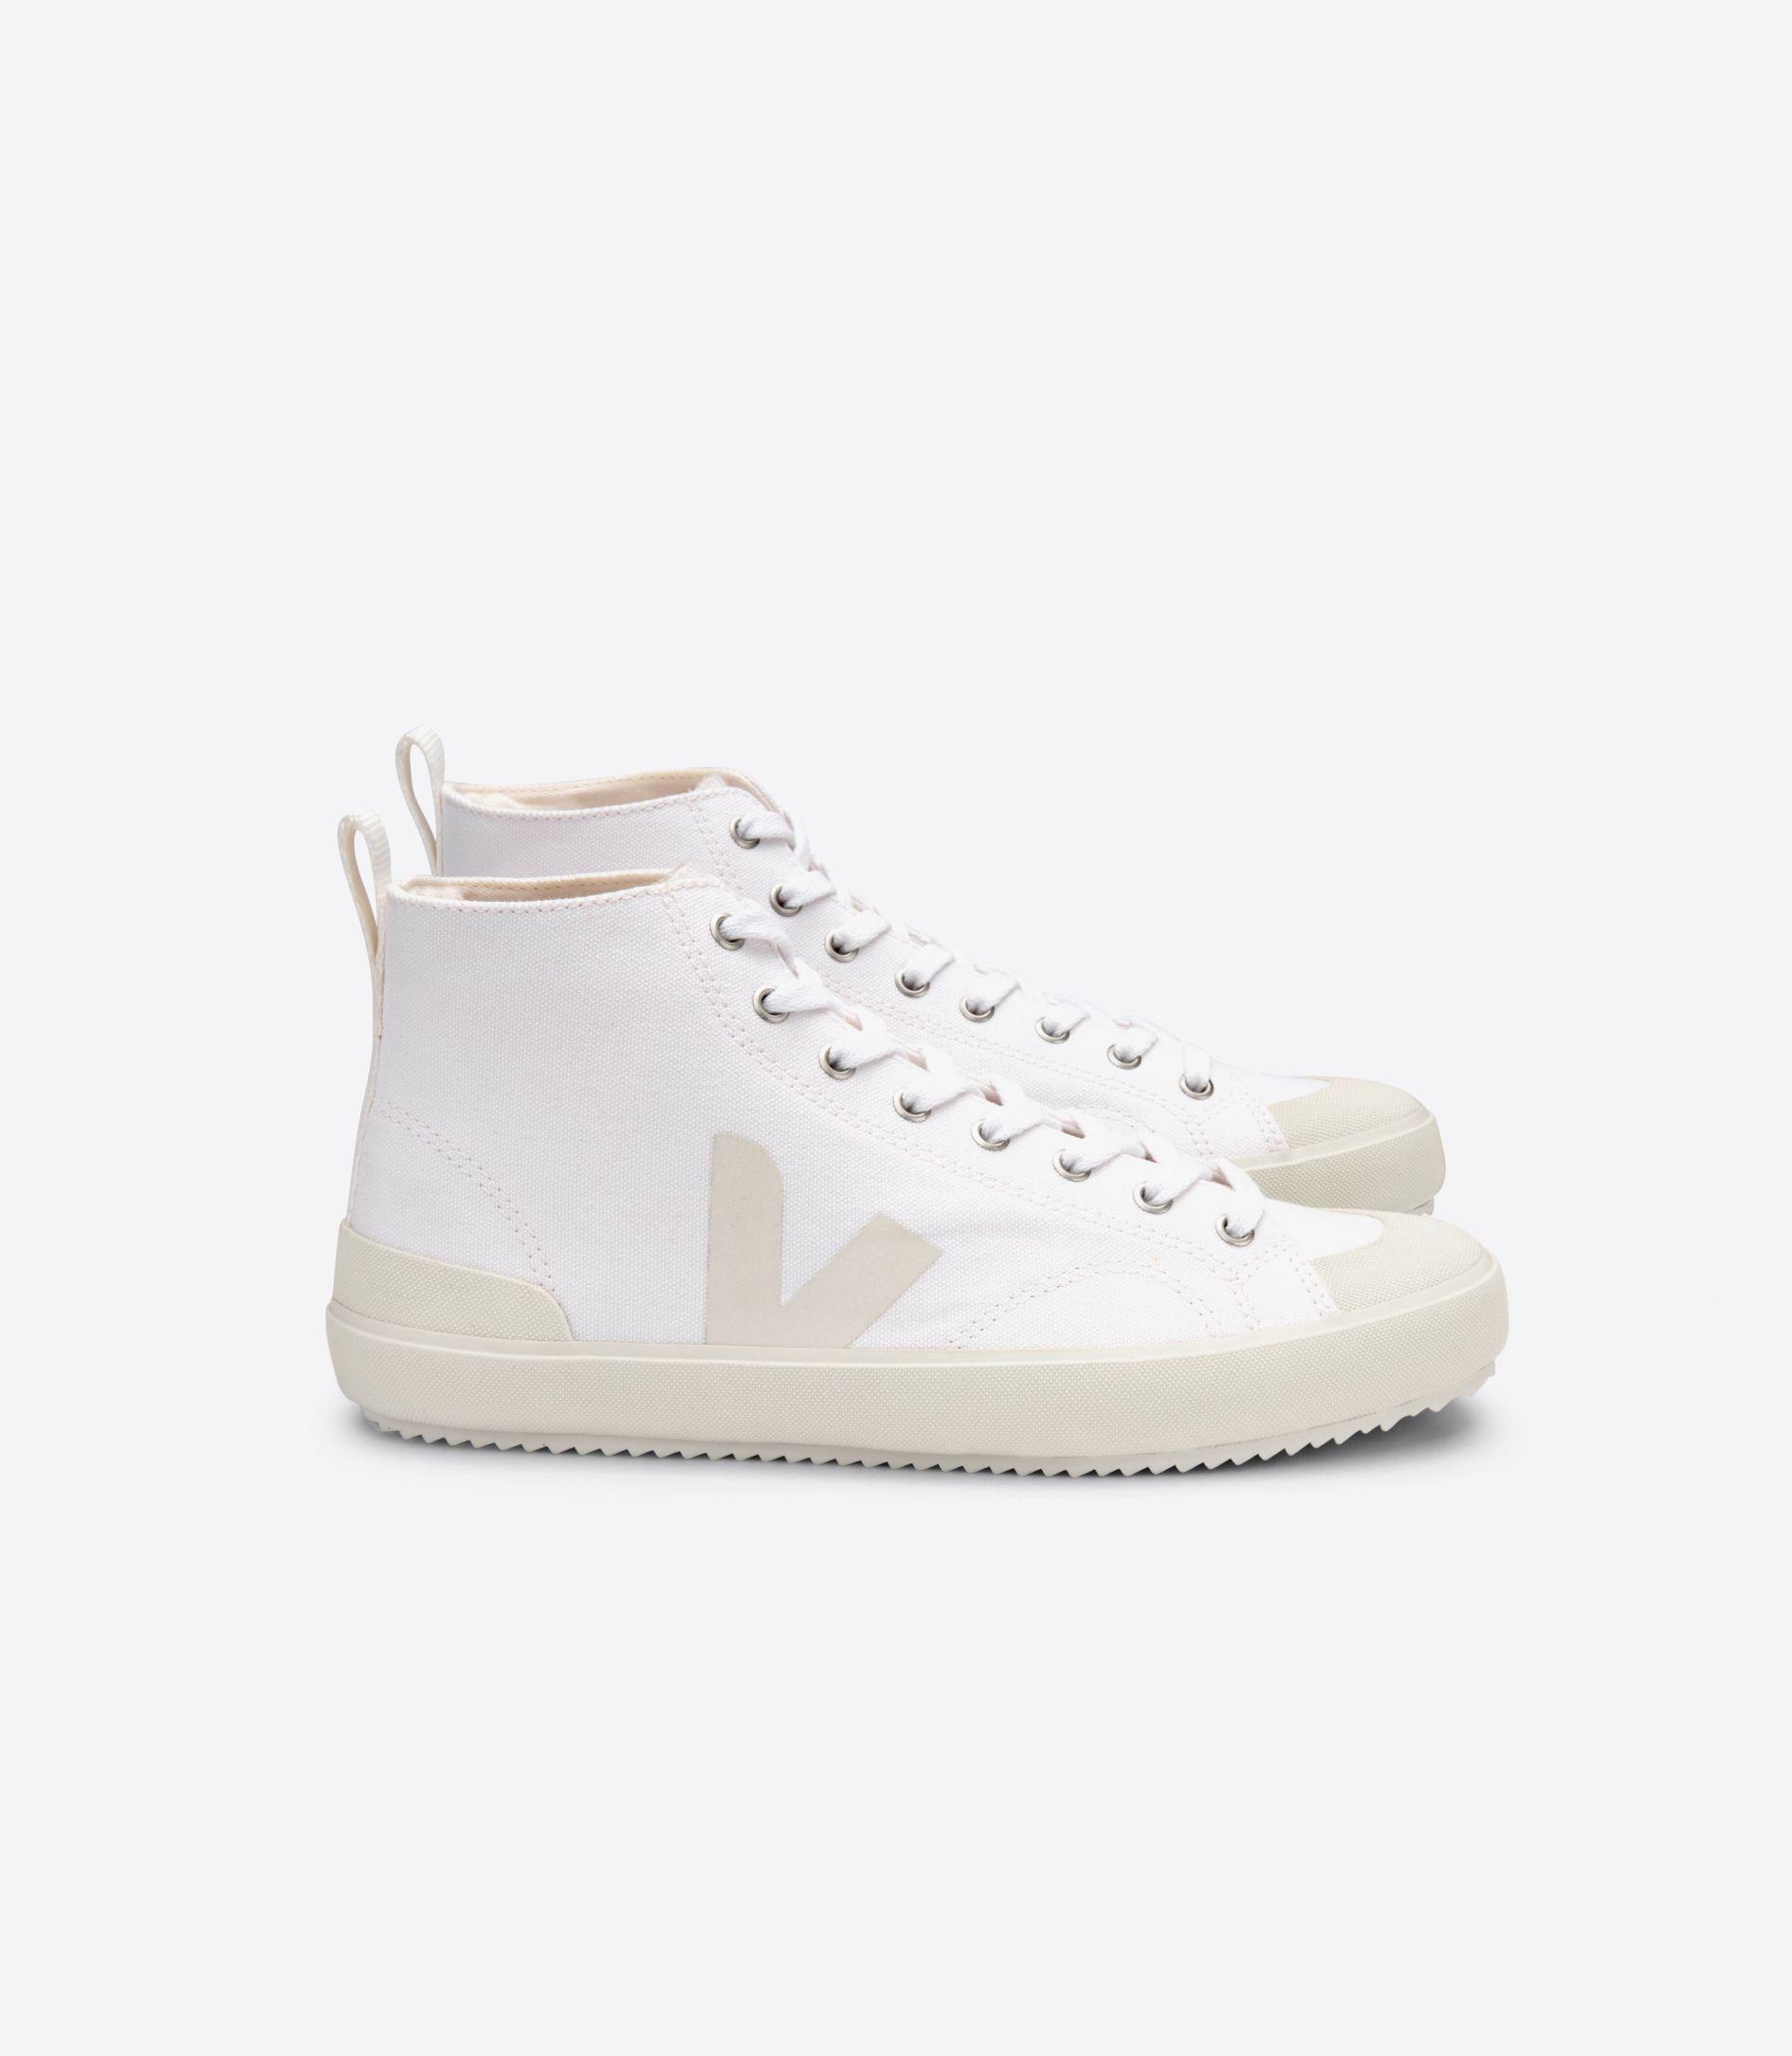 Veja Nova High Top Vegan Sneakers in White